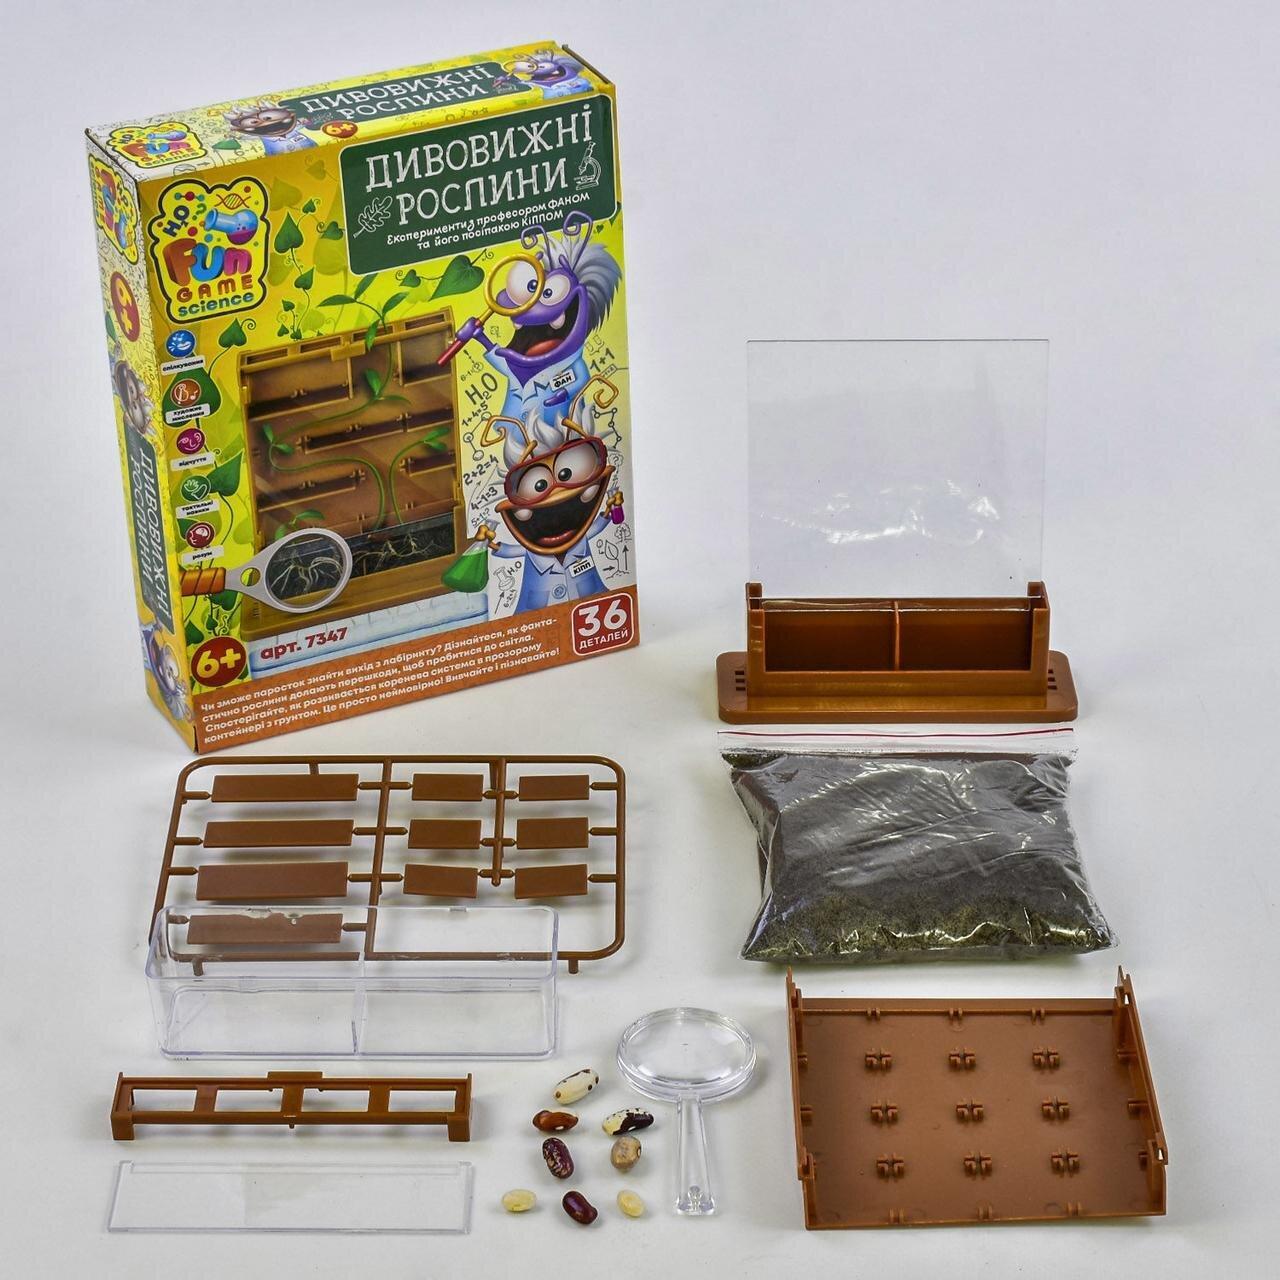 """Набор для опытов """"Дивовижні рослини"""" 7347 FUN GAME"""